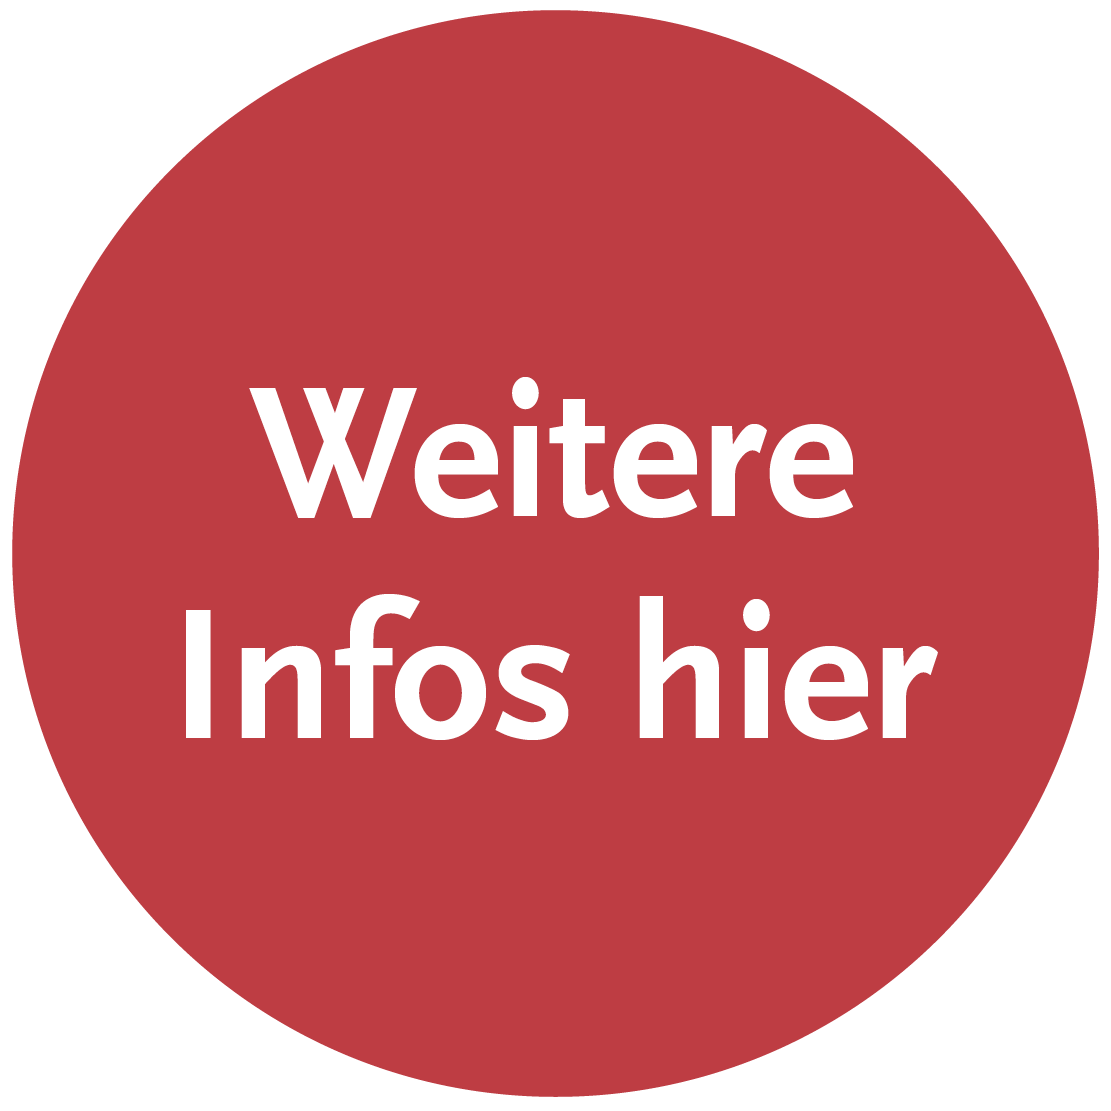 Infobutton-Sonderaktion-Tragetaschen-2020